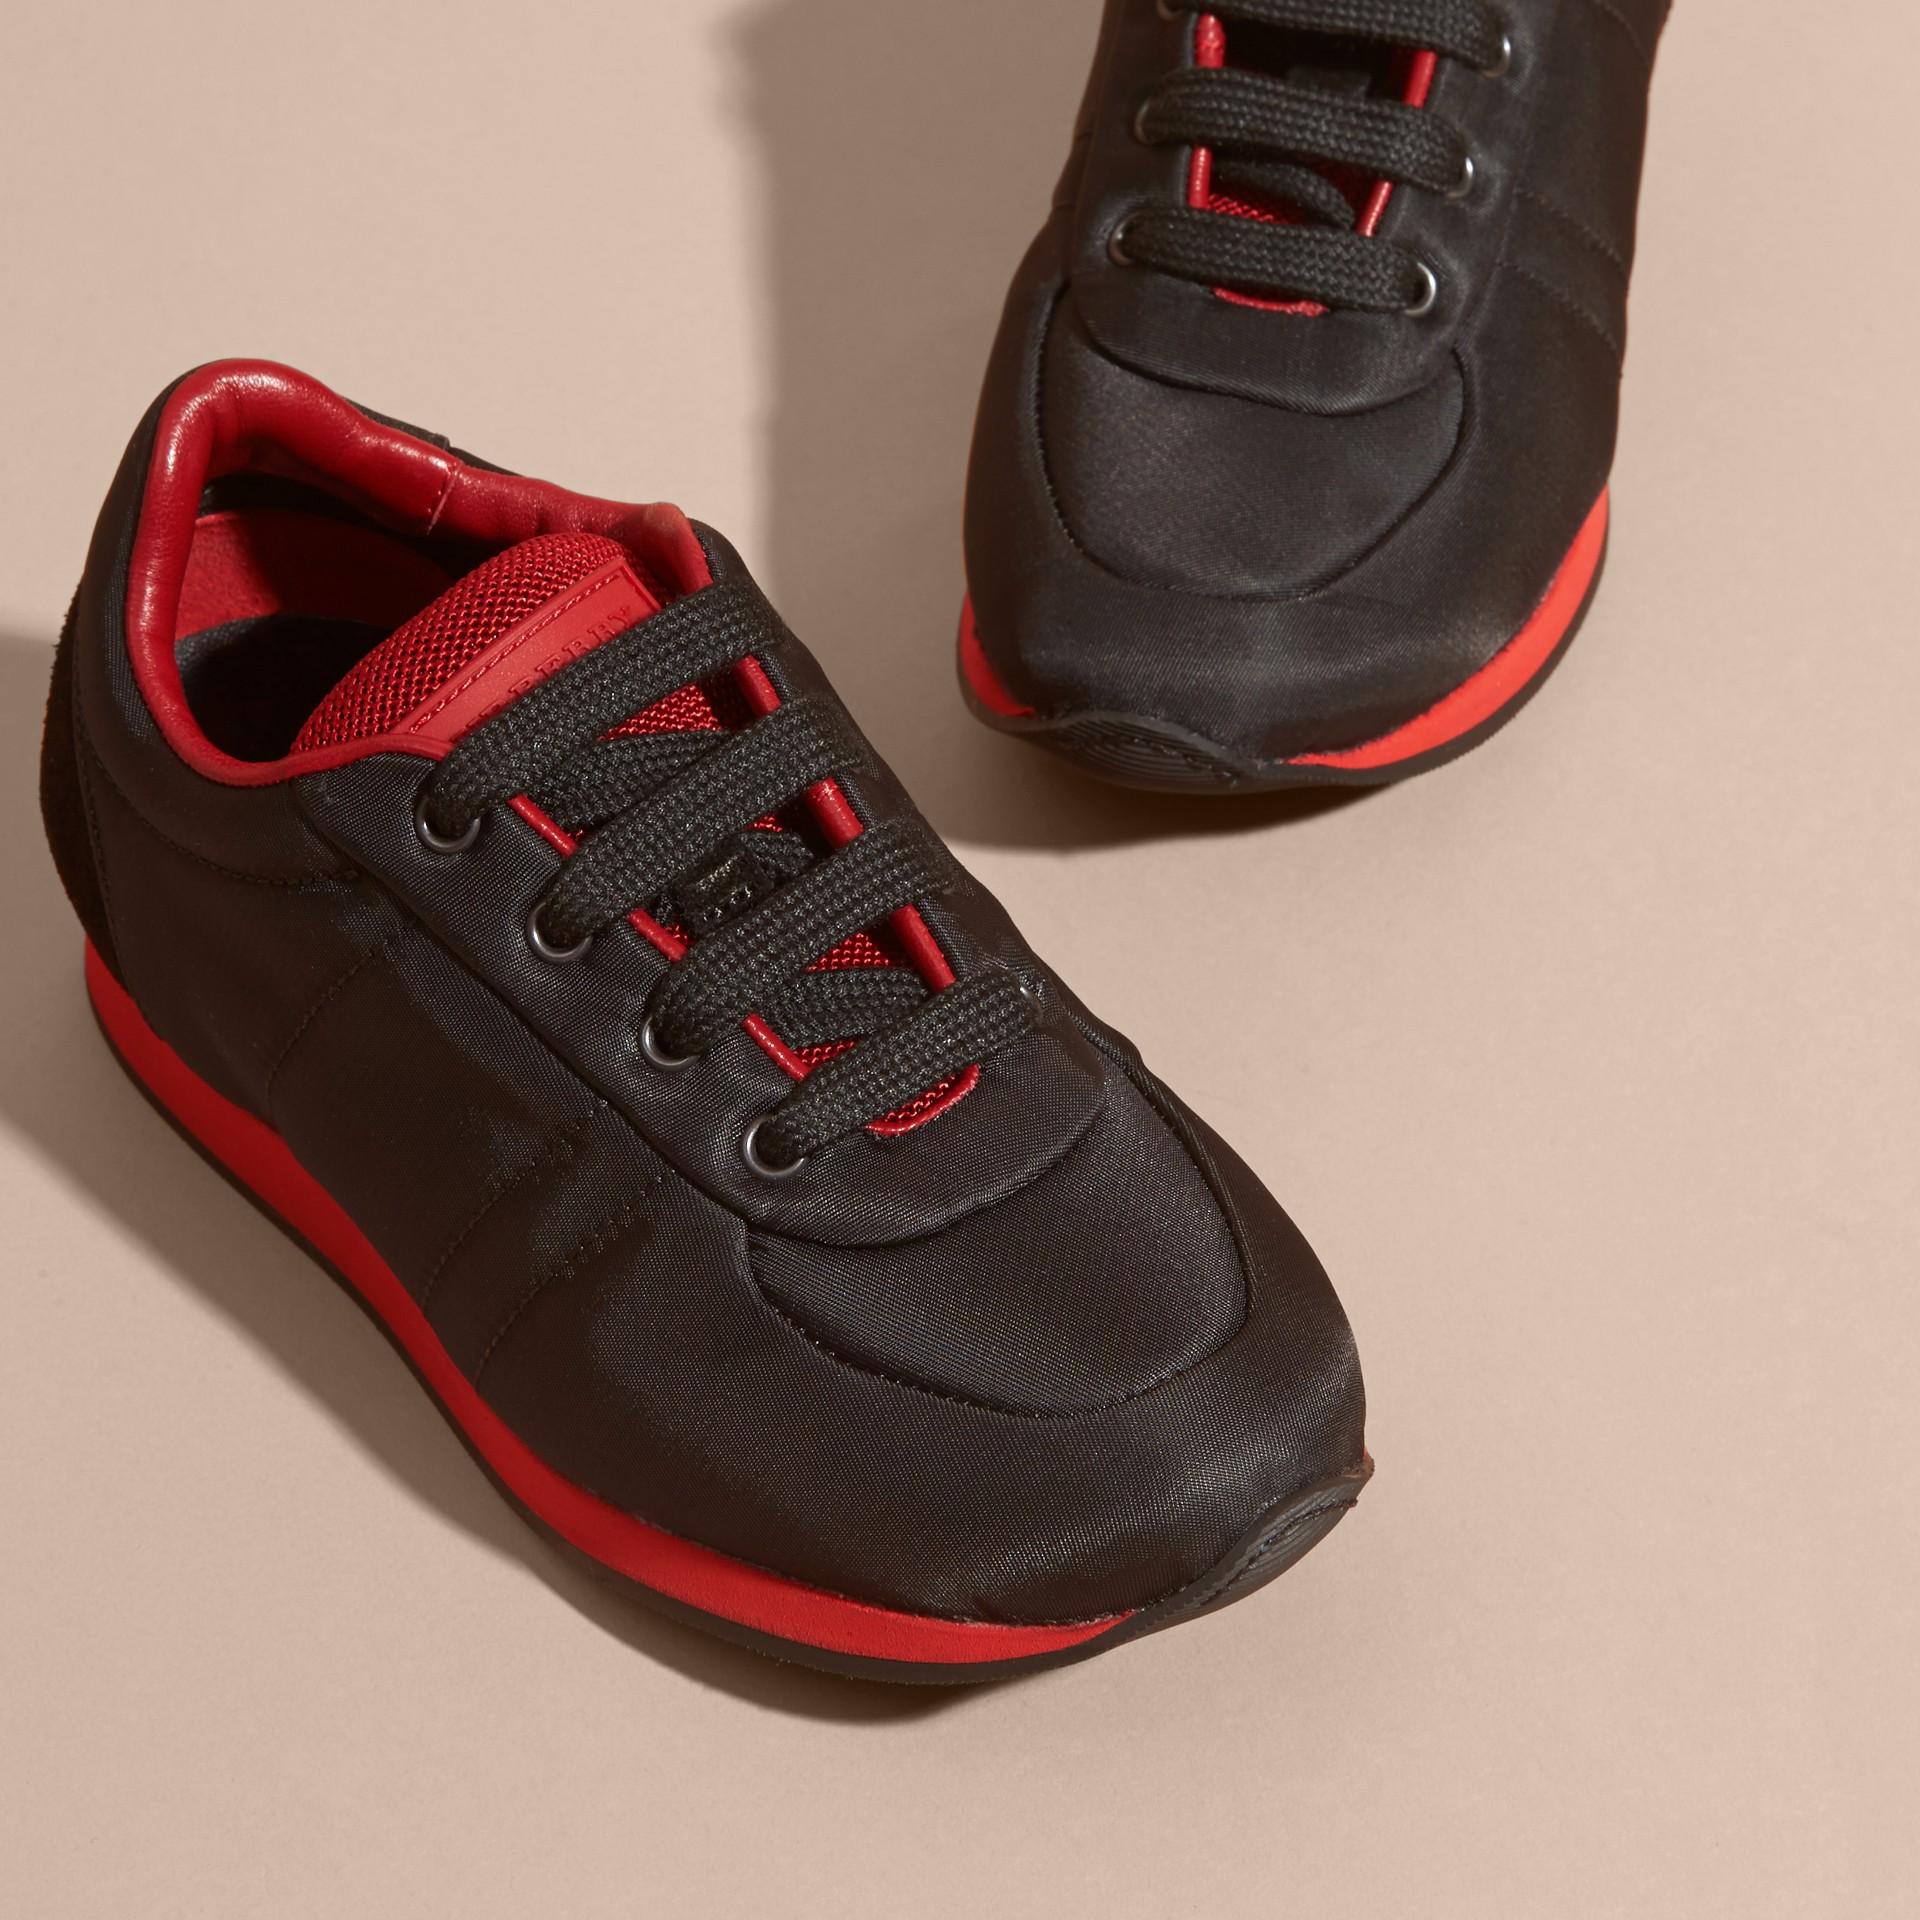 Negro/rojo militar Zapatillas deportivas en piel y raso con franjas de colores Negro/rojo Militar - imagen de la galería 3